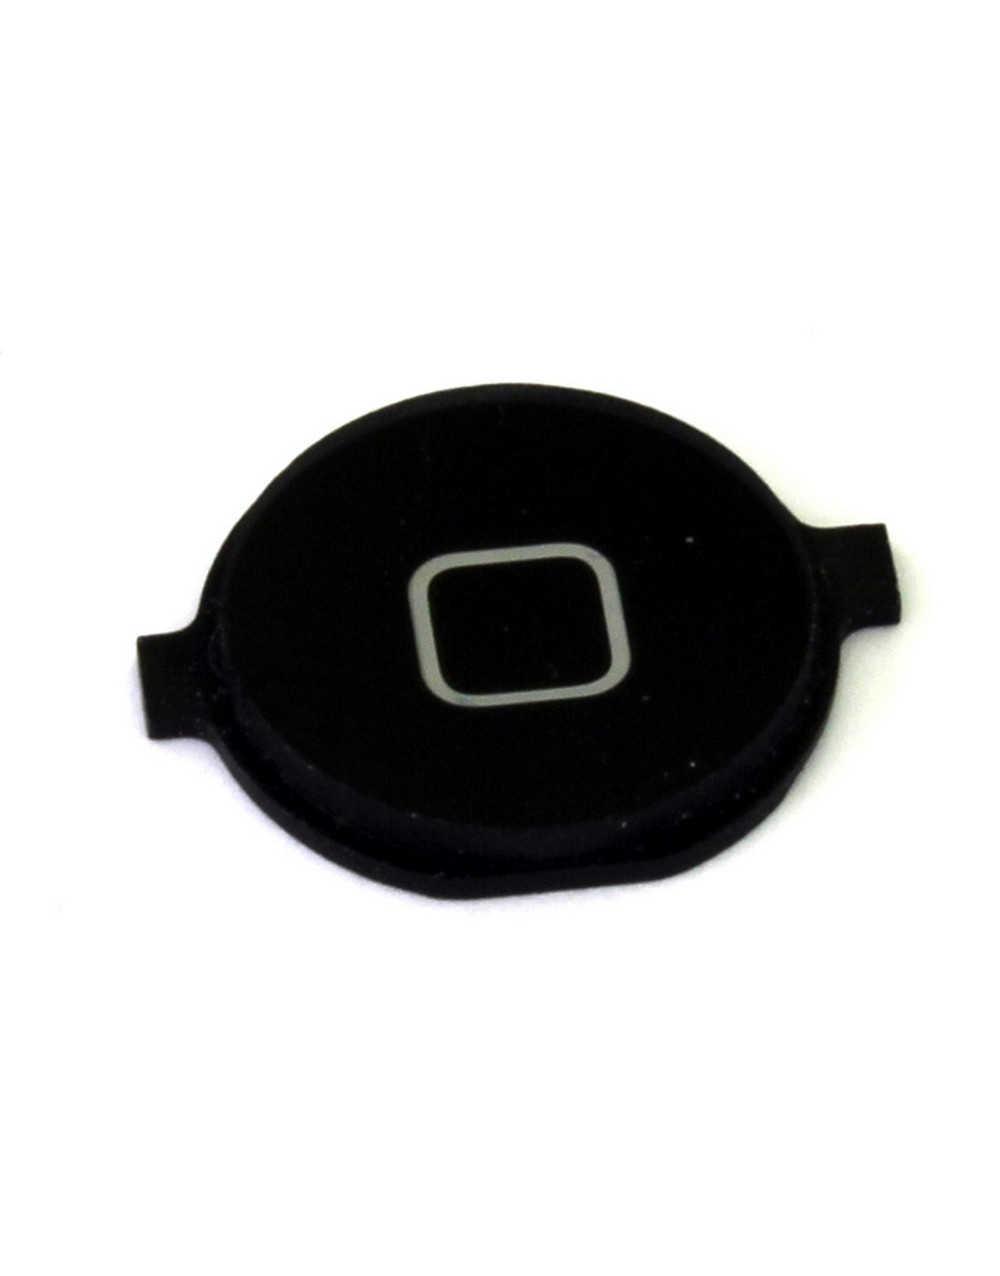 Εξωτερικό Κεντρικό Πλήκτρο Apple iPhone 3G/3GS Μαύρο OEM Type A